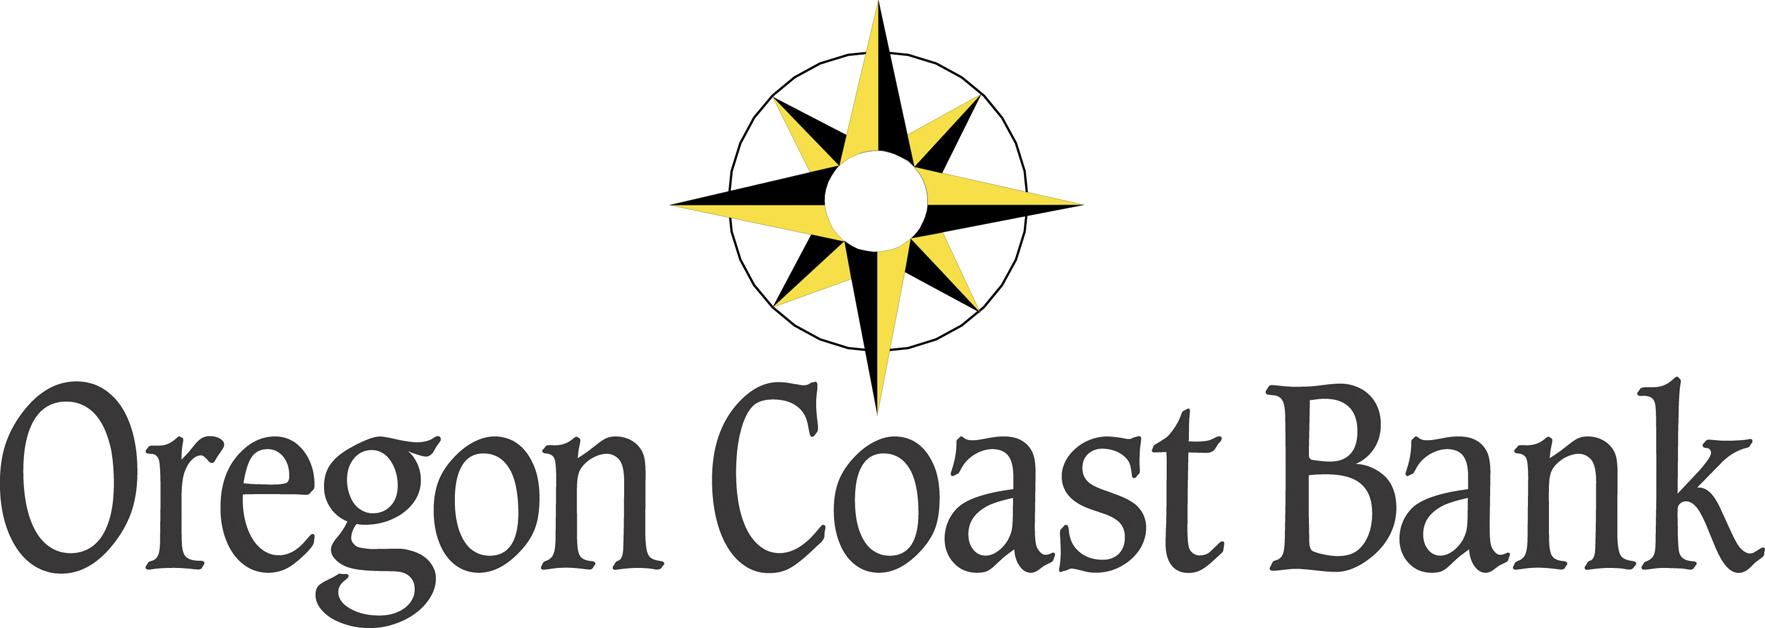 Oregon Coast Bank